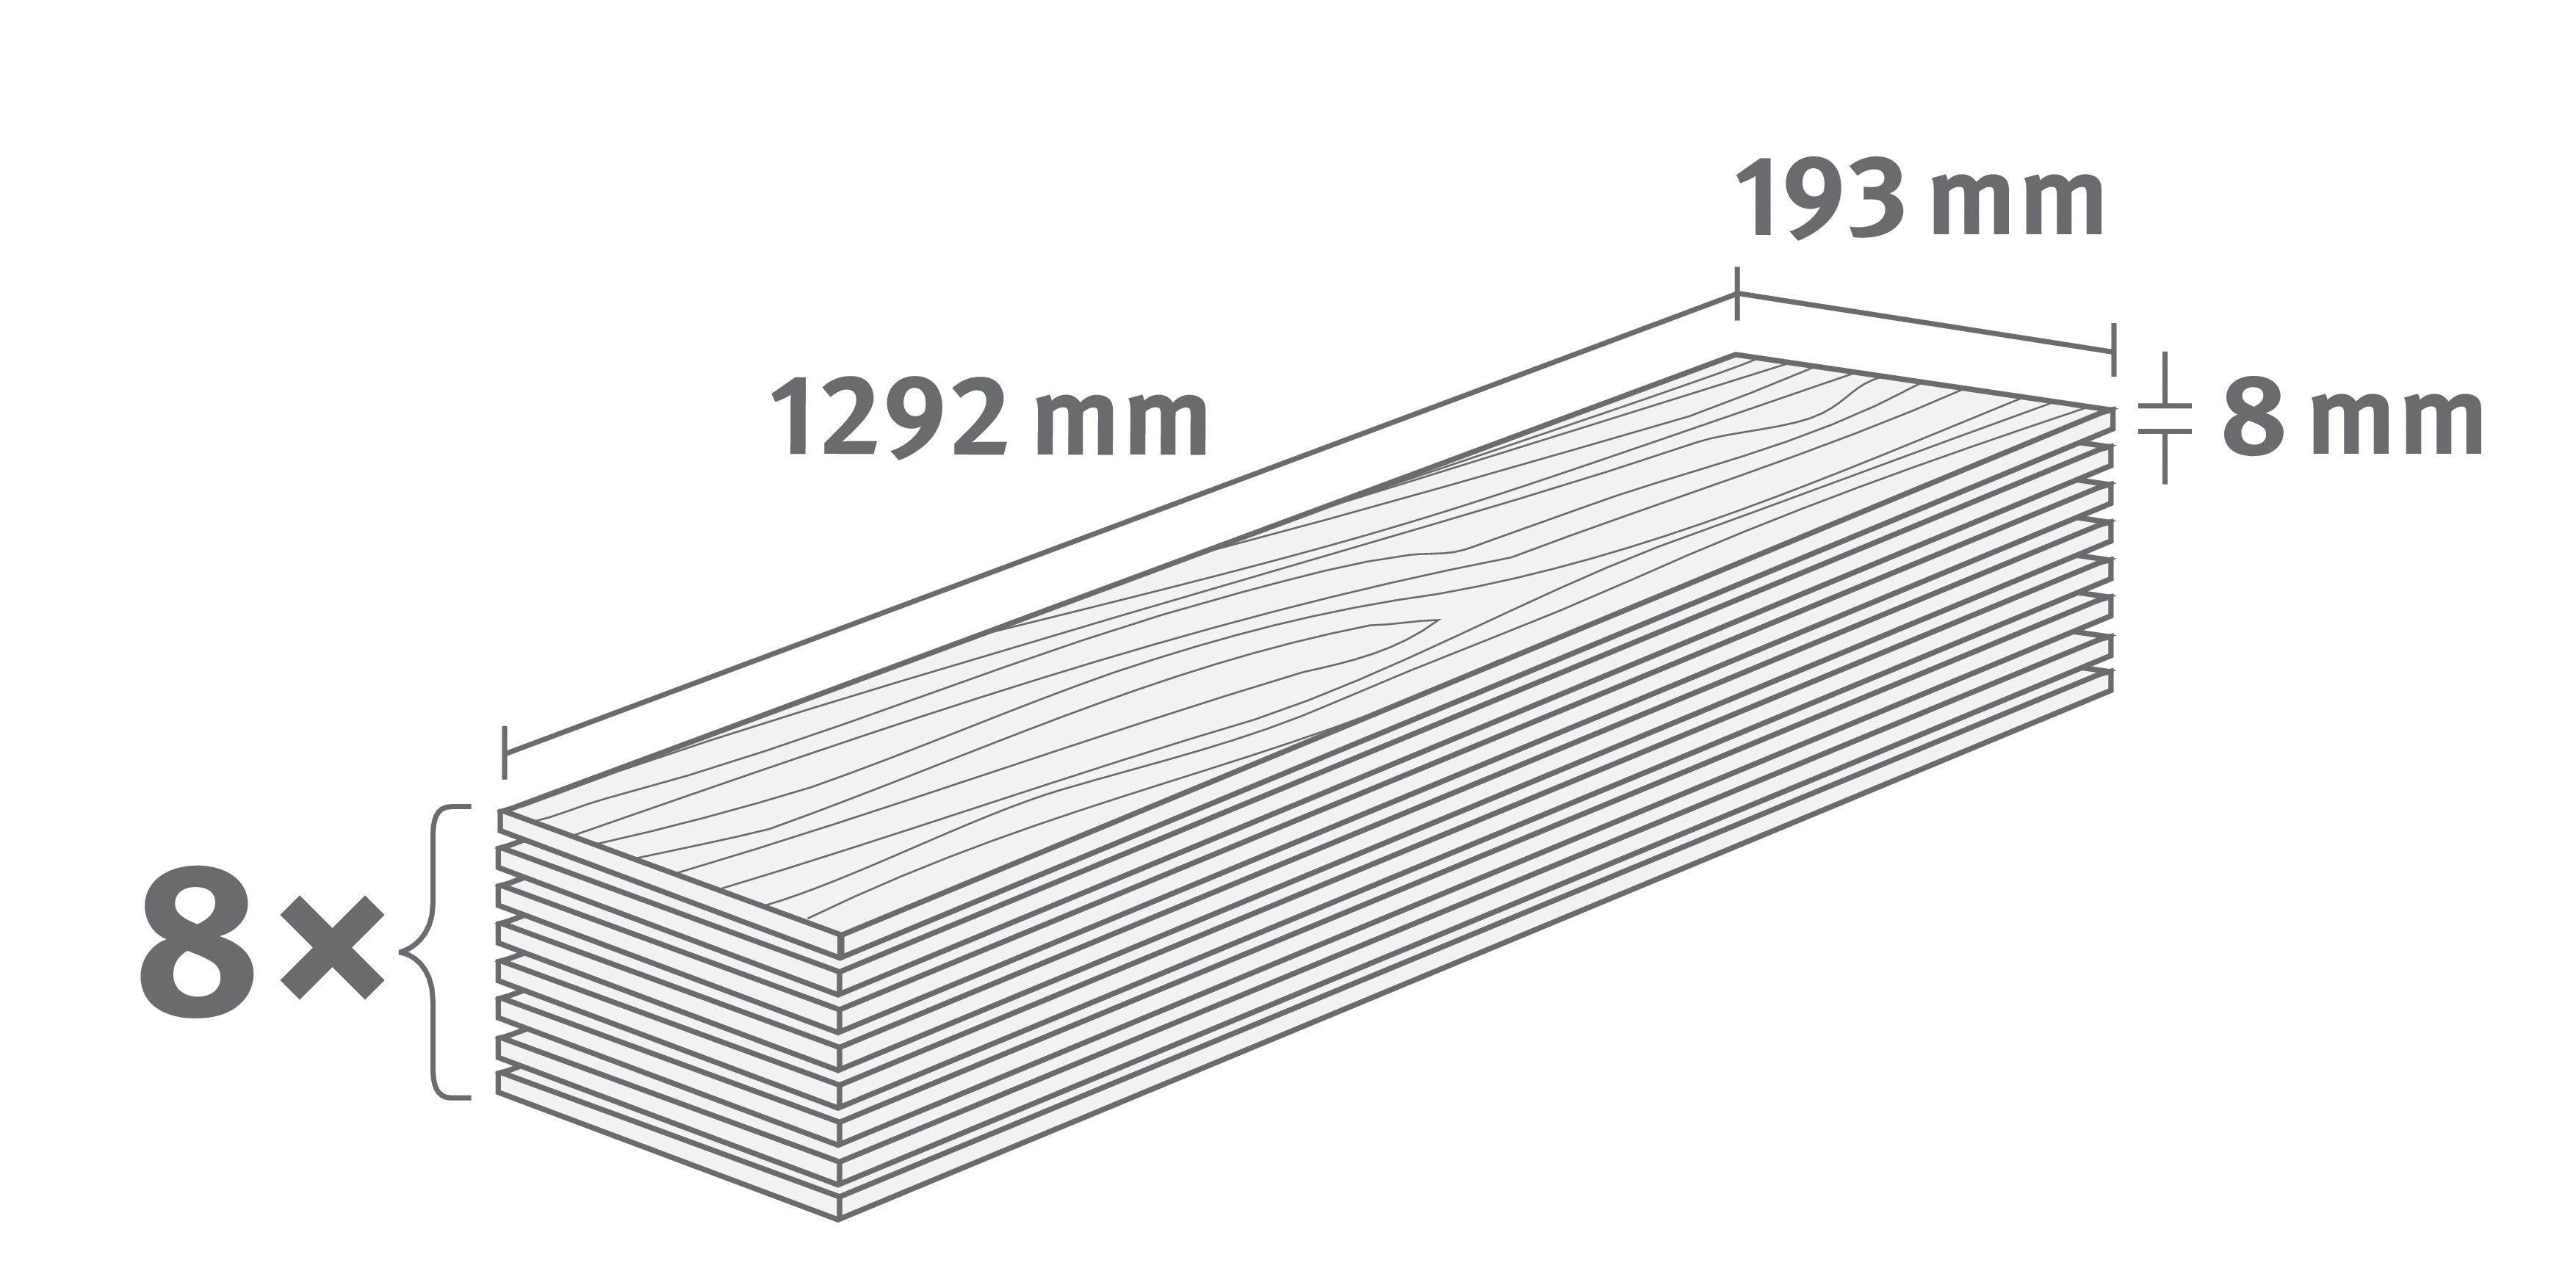 EGGER Korklaminat »EGGER HOME Comfort Summersville Eiche weiss«, 1292 x 193 mm, Stärke: 8 mm